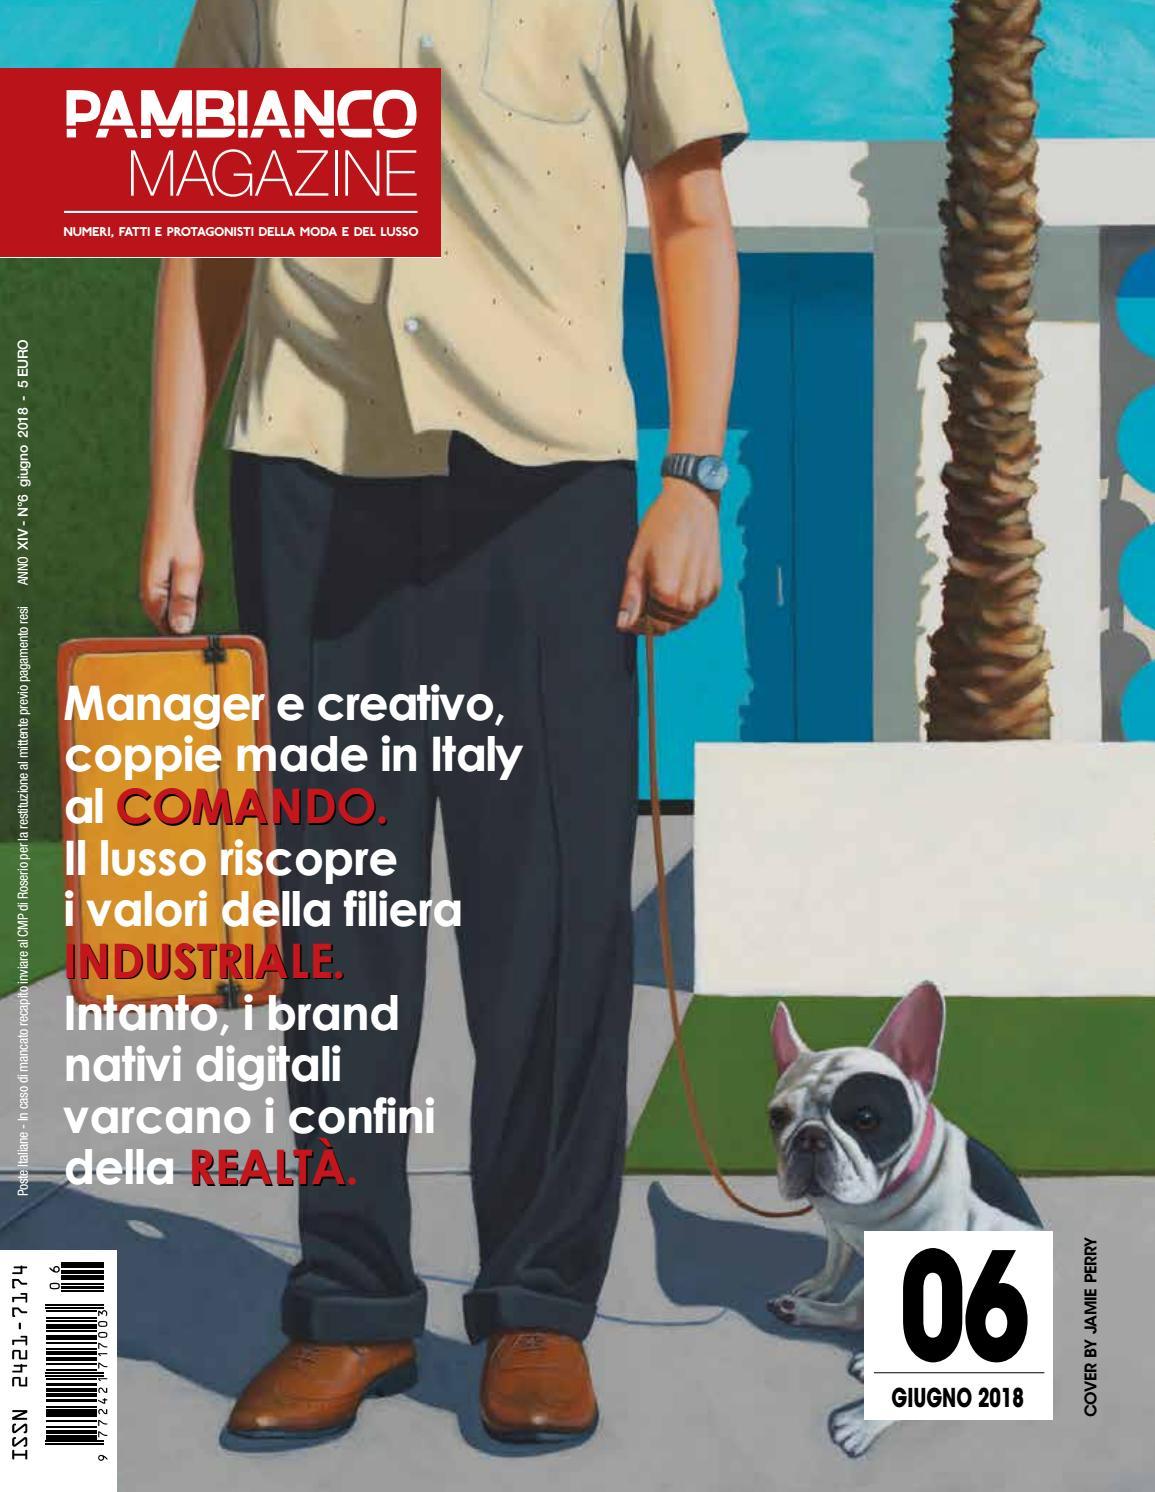 Pambianco magazine 6 XIV by Pambianconews issuu